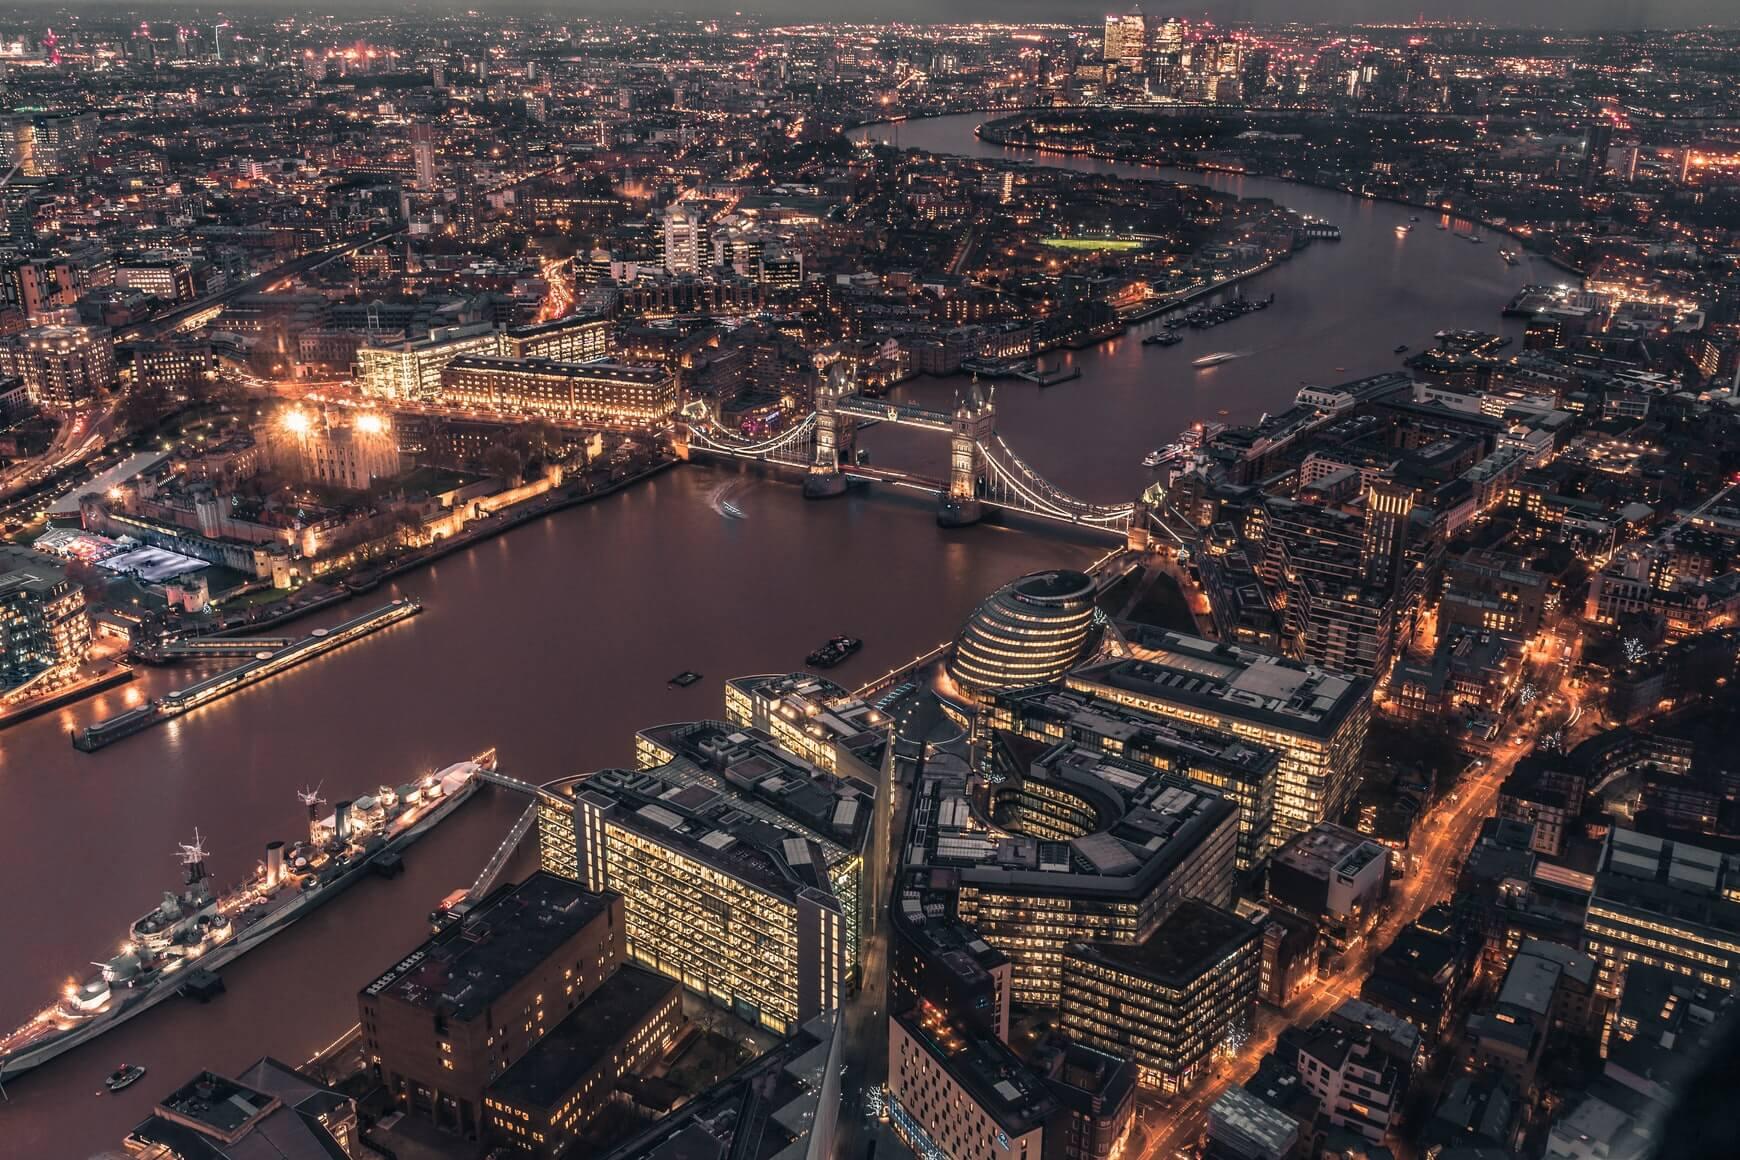 london ariel view